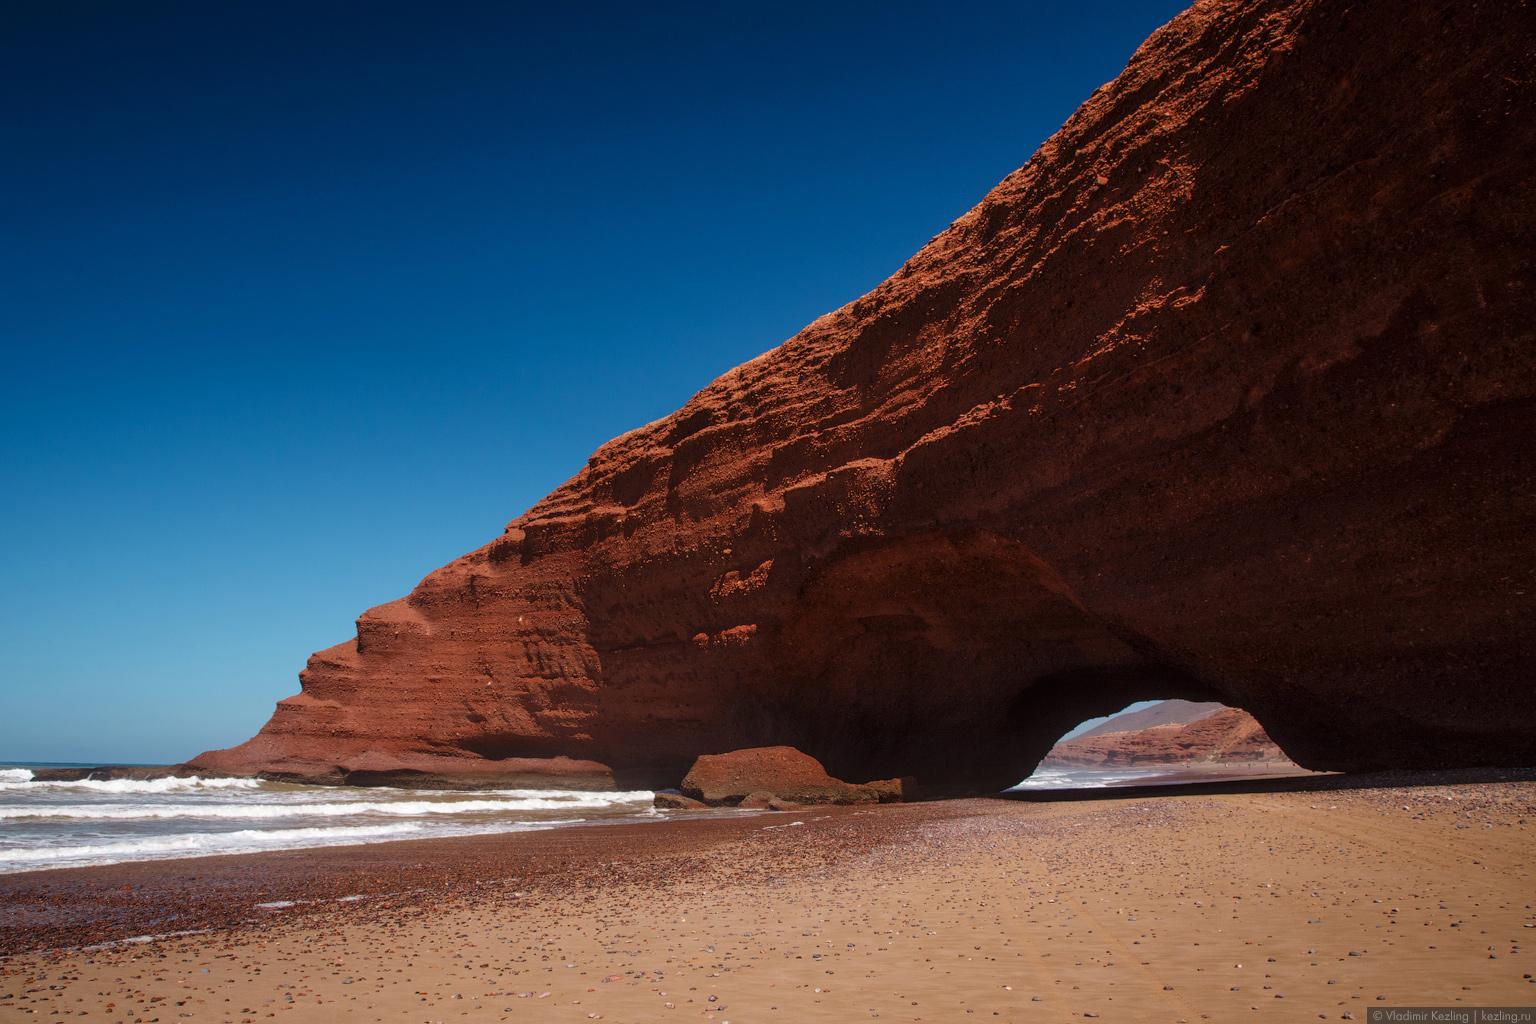 Марокканские сказки. Пляж Легзира и его каменные арки